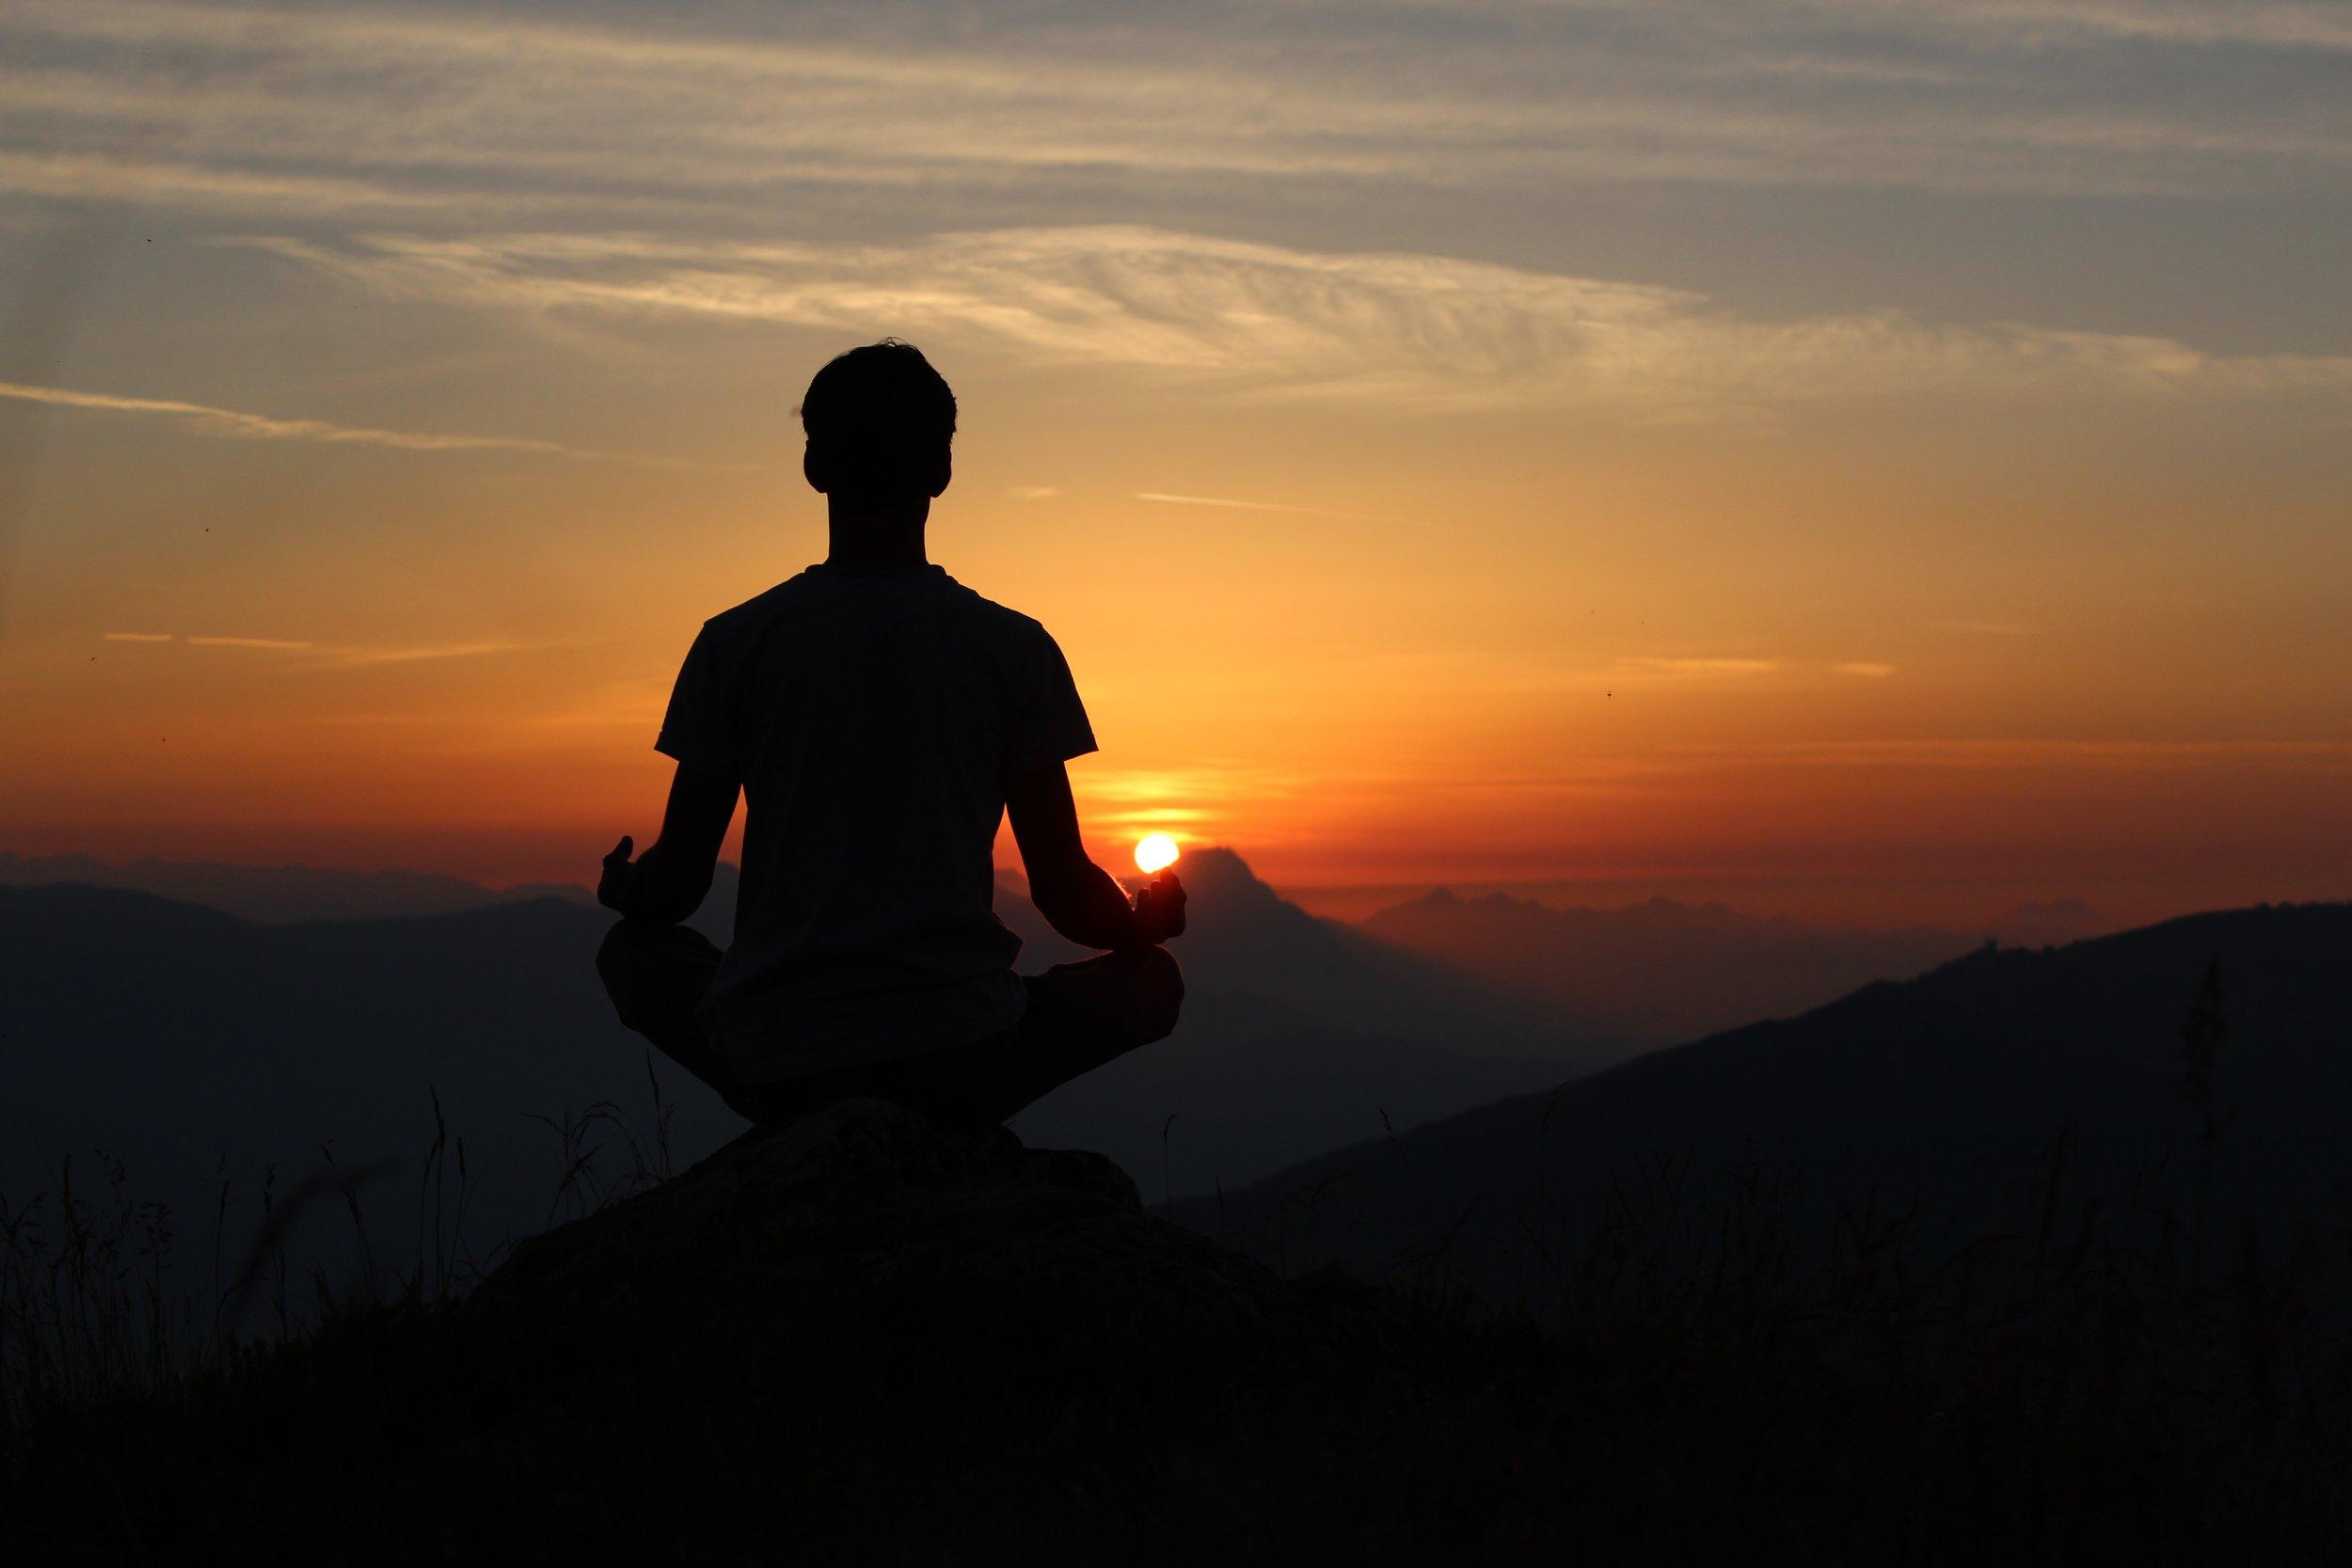 indian-yogi-yogi-madhav-S2eX-jJSiOM-unsplash.jpg